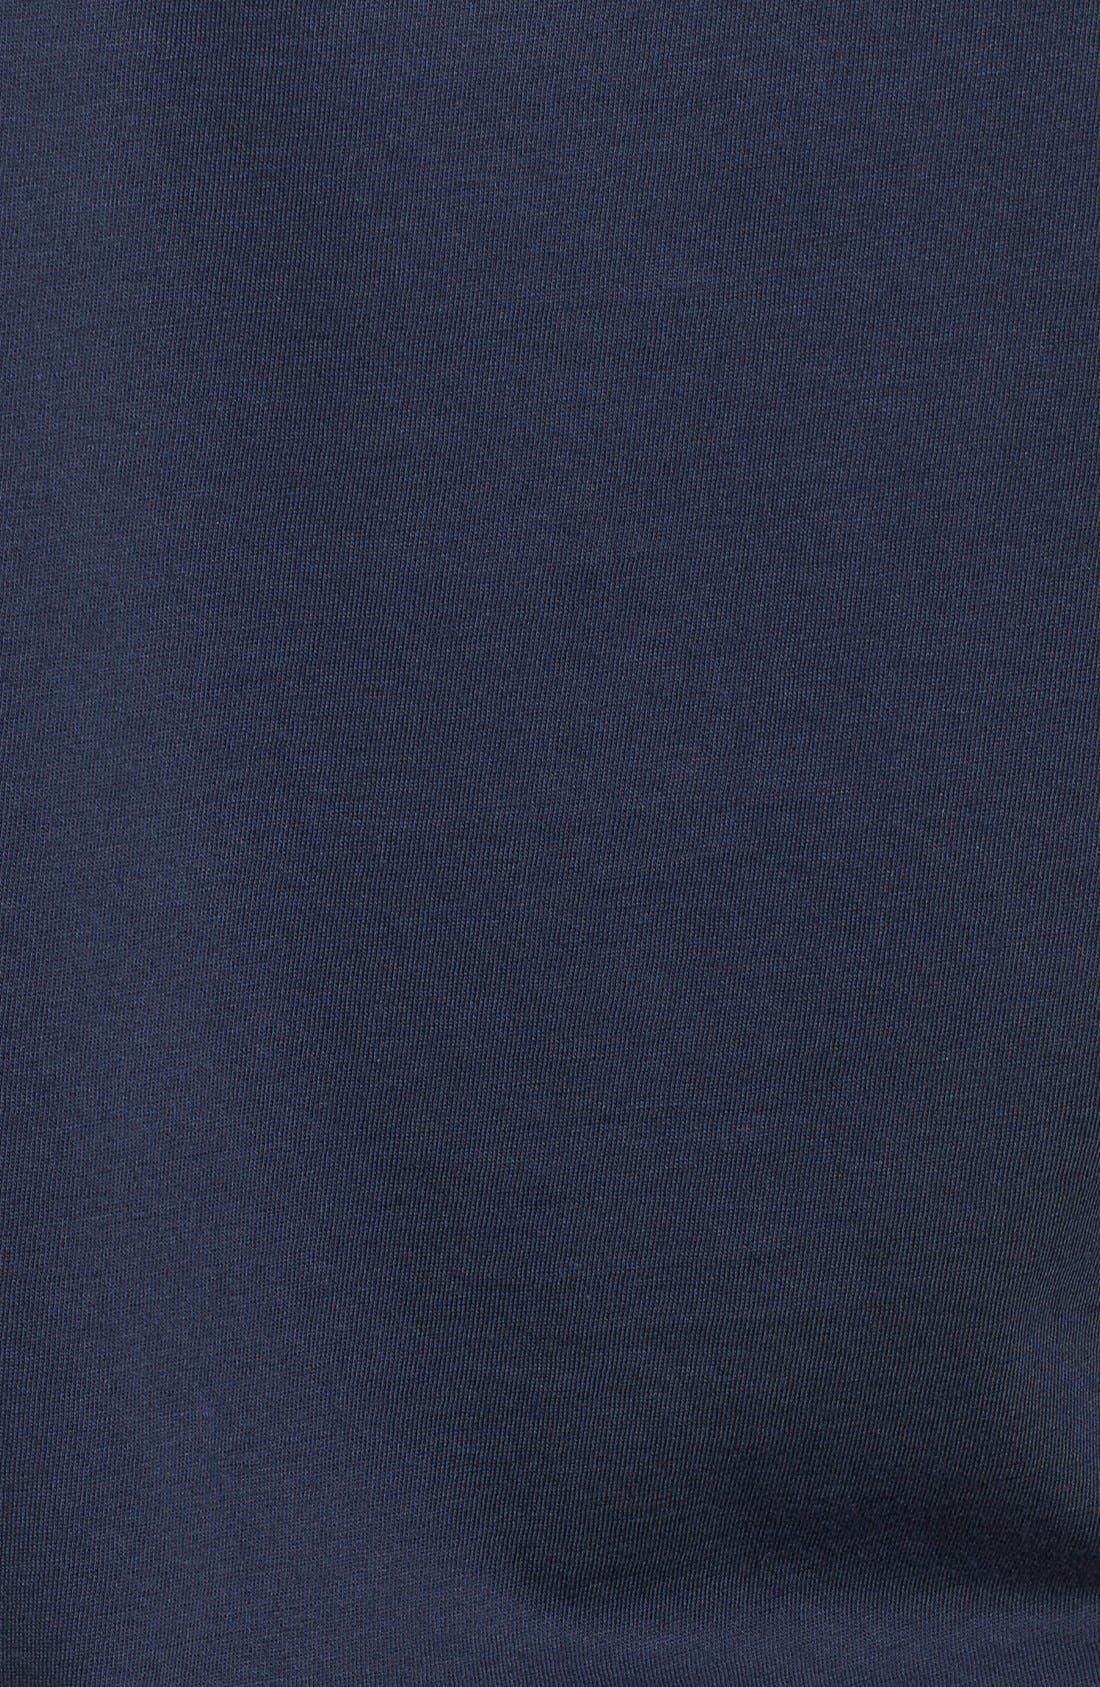 Alternate Image 5  - Vineyard Vines Long Sleeve Logo Tee